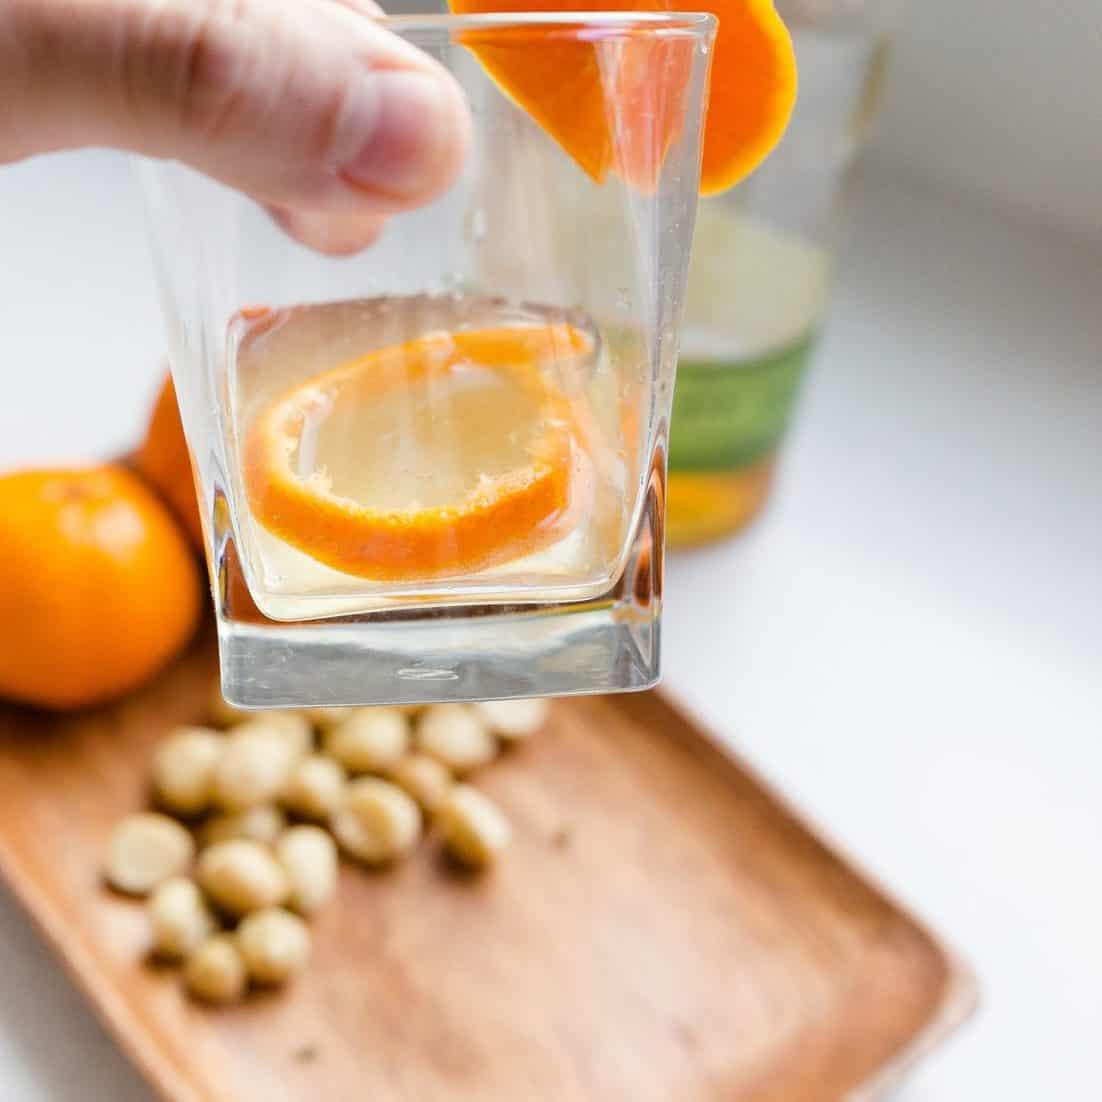 keto Orange Whiskey Soda pic